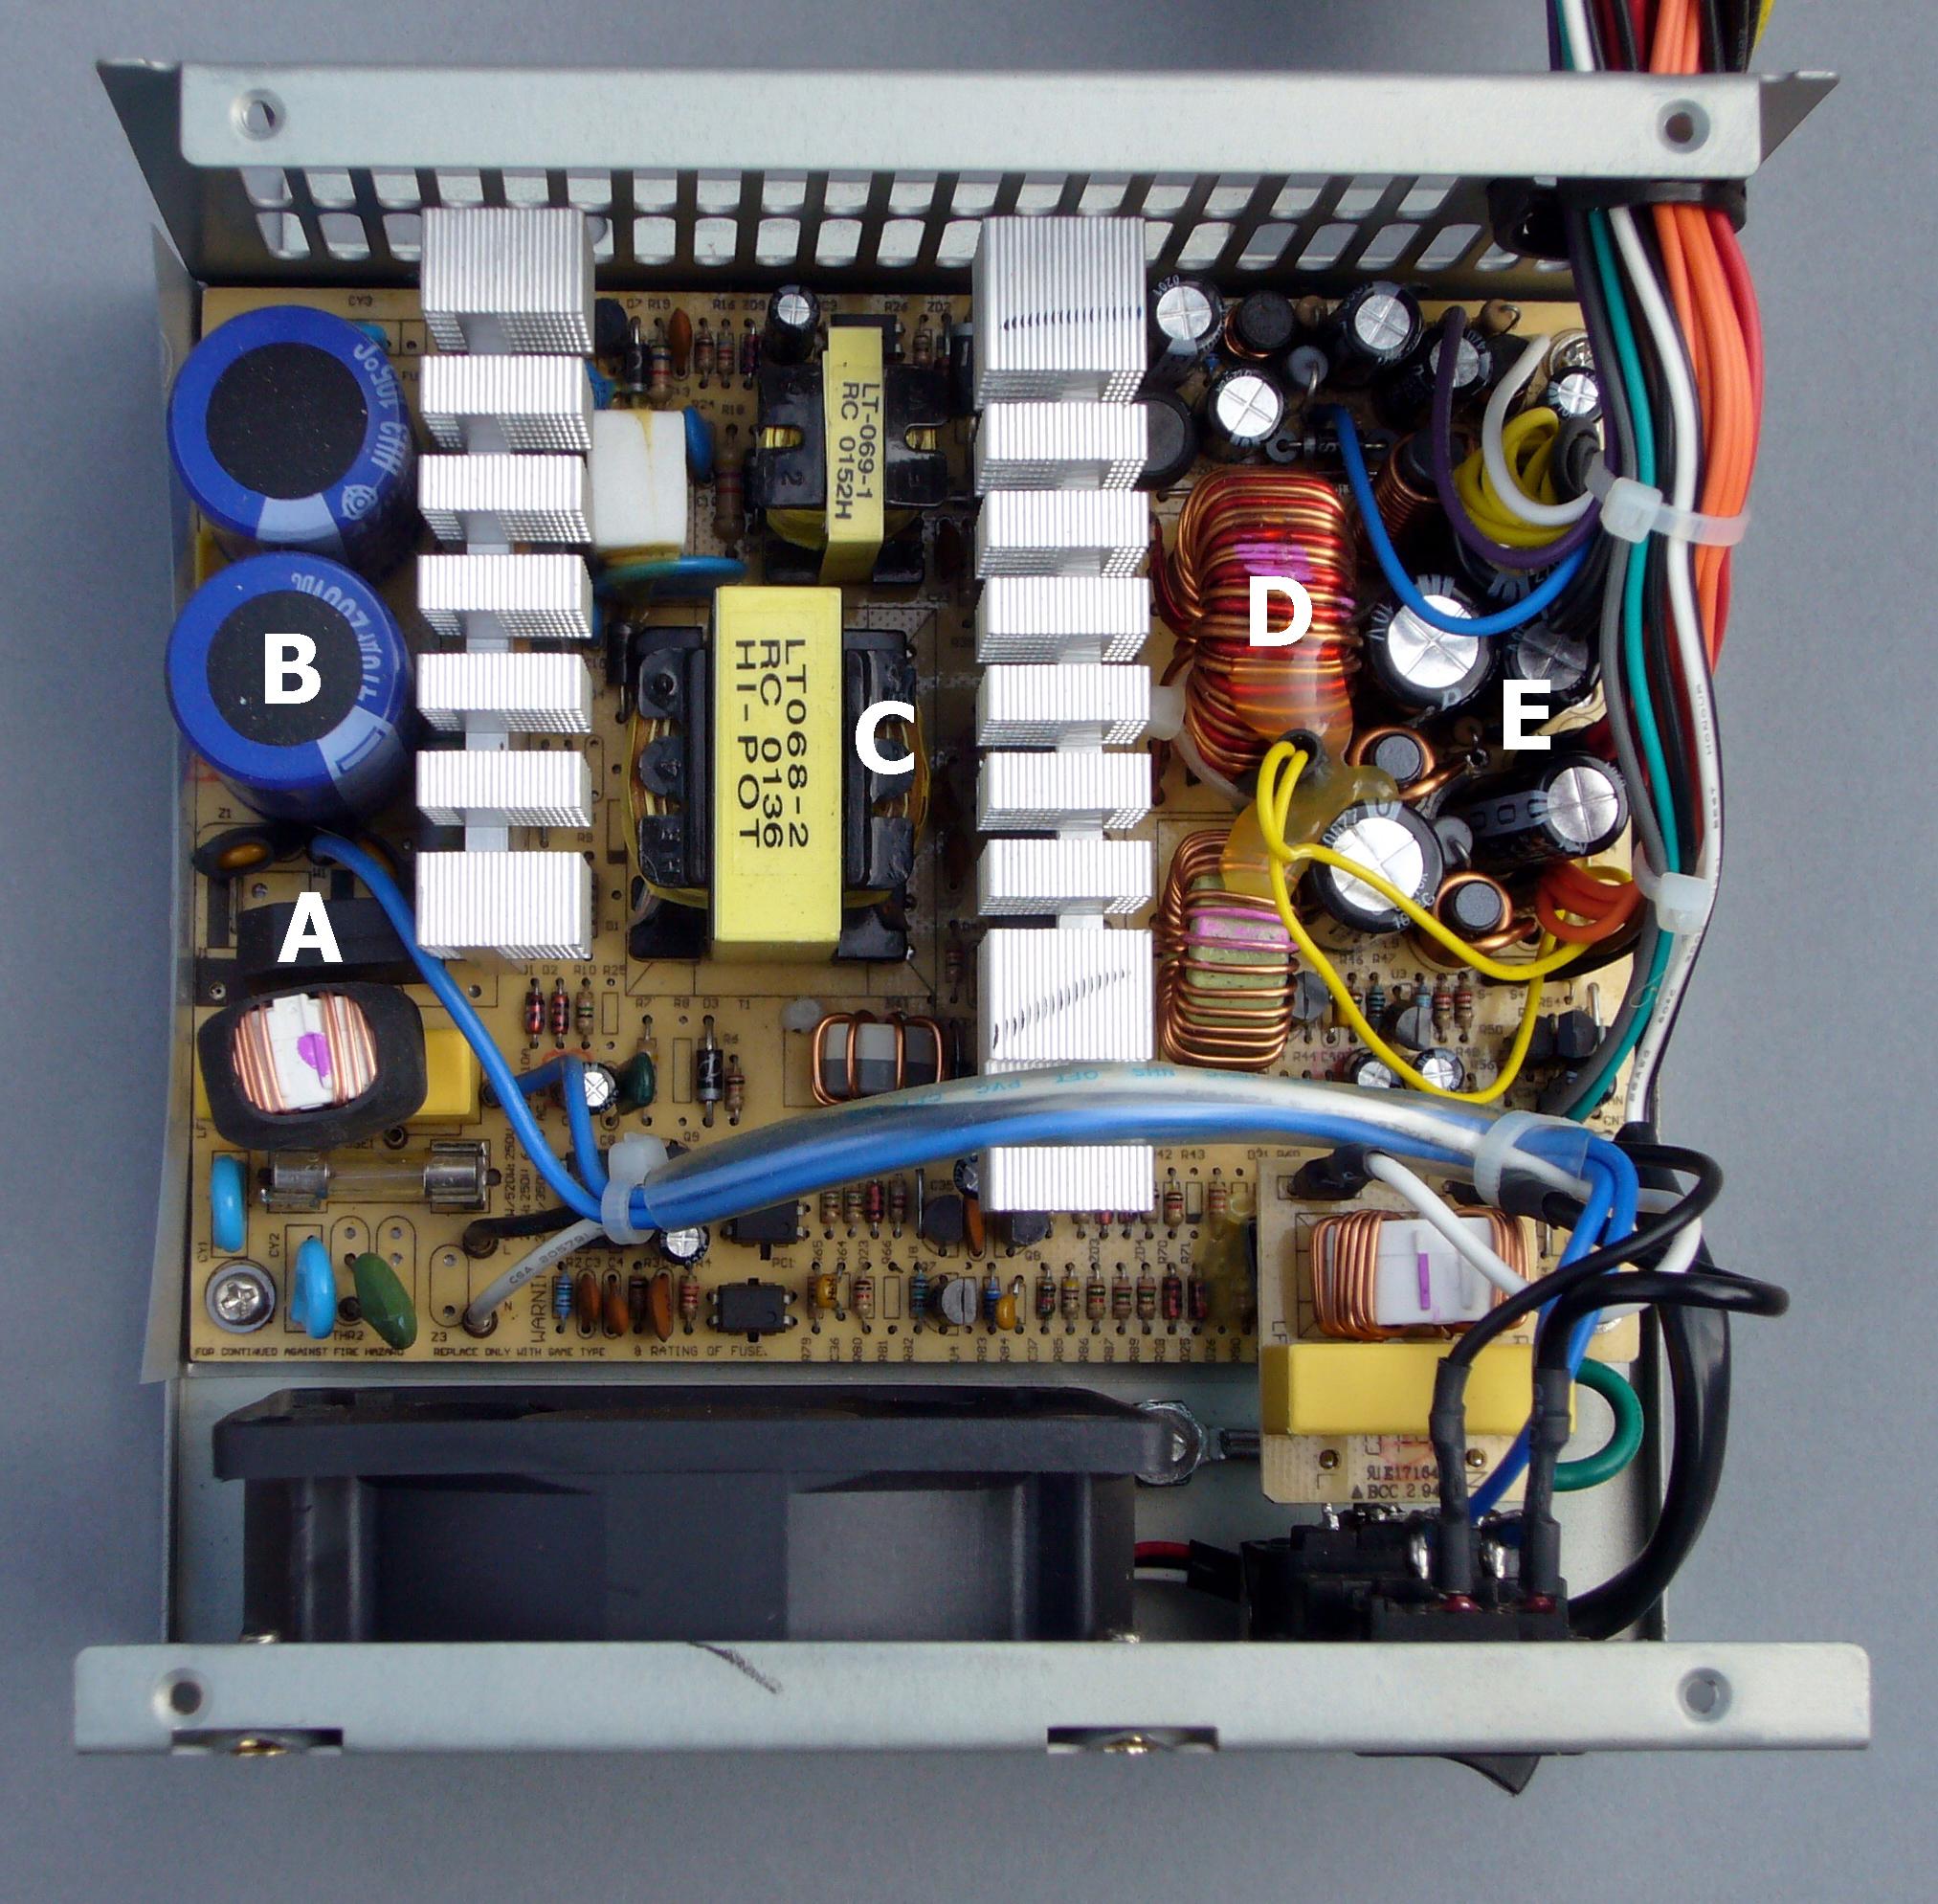 Atx Power Supply Wiring Diagram Atx Power Supply Schematic Diagram